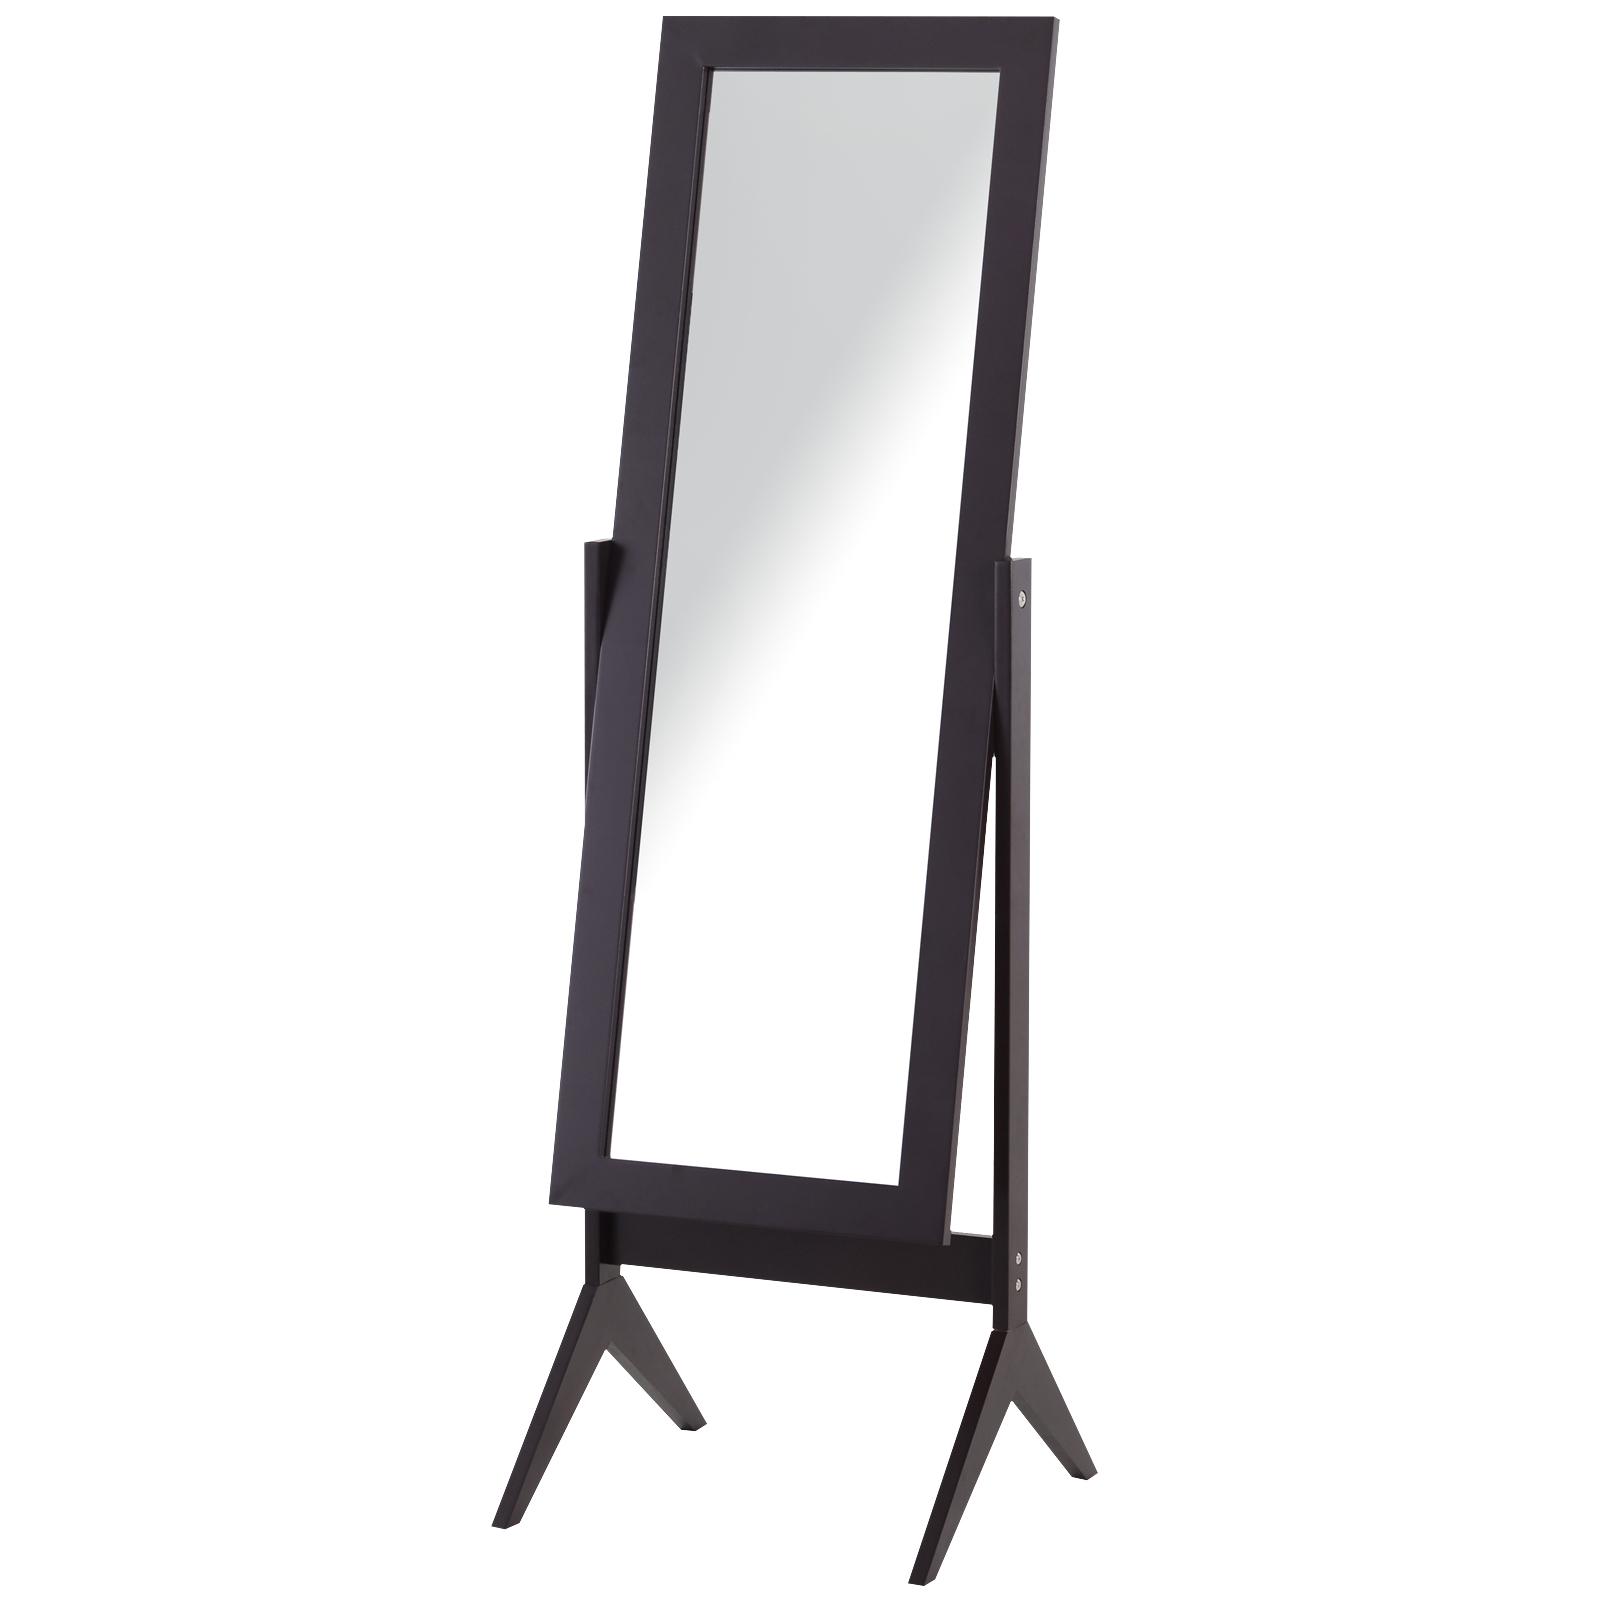 Miroir à pied inclinaison réglable brun foncé H148 cm